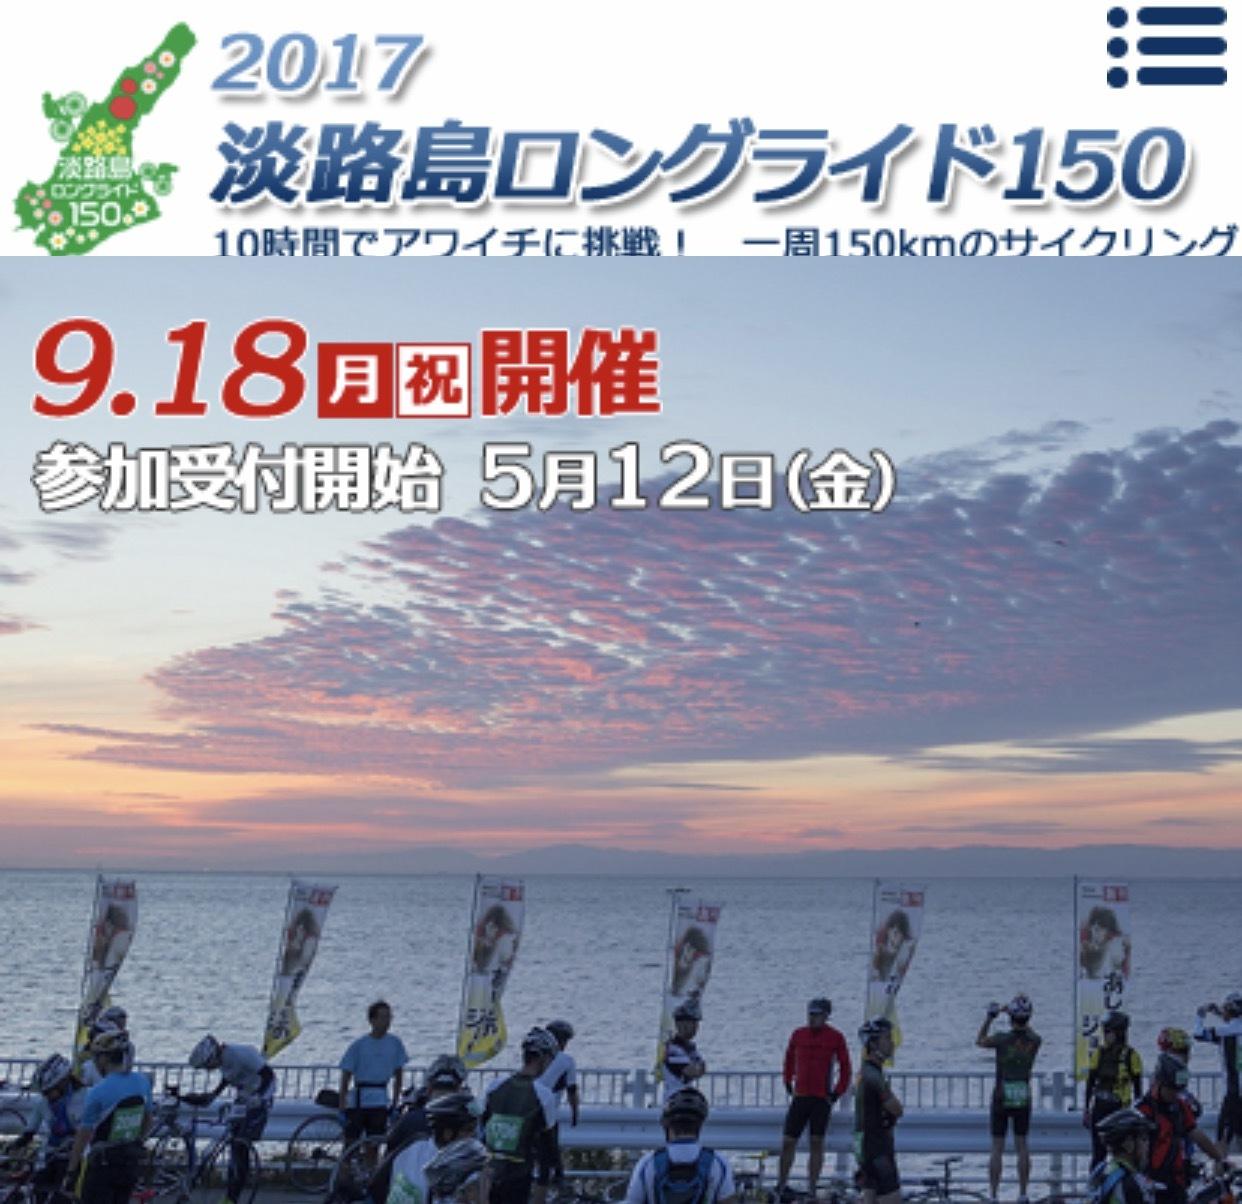 9/18(祝)淡路島ロングライド150 本日よりエントリー開始!_e0363689_08363766.png